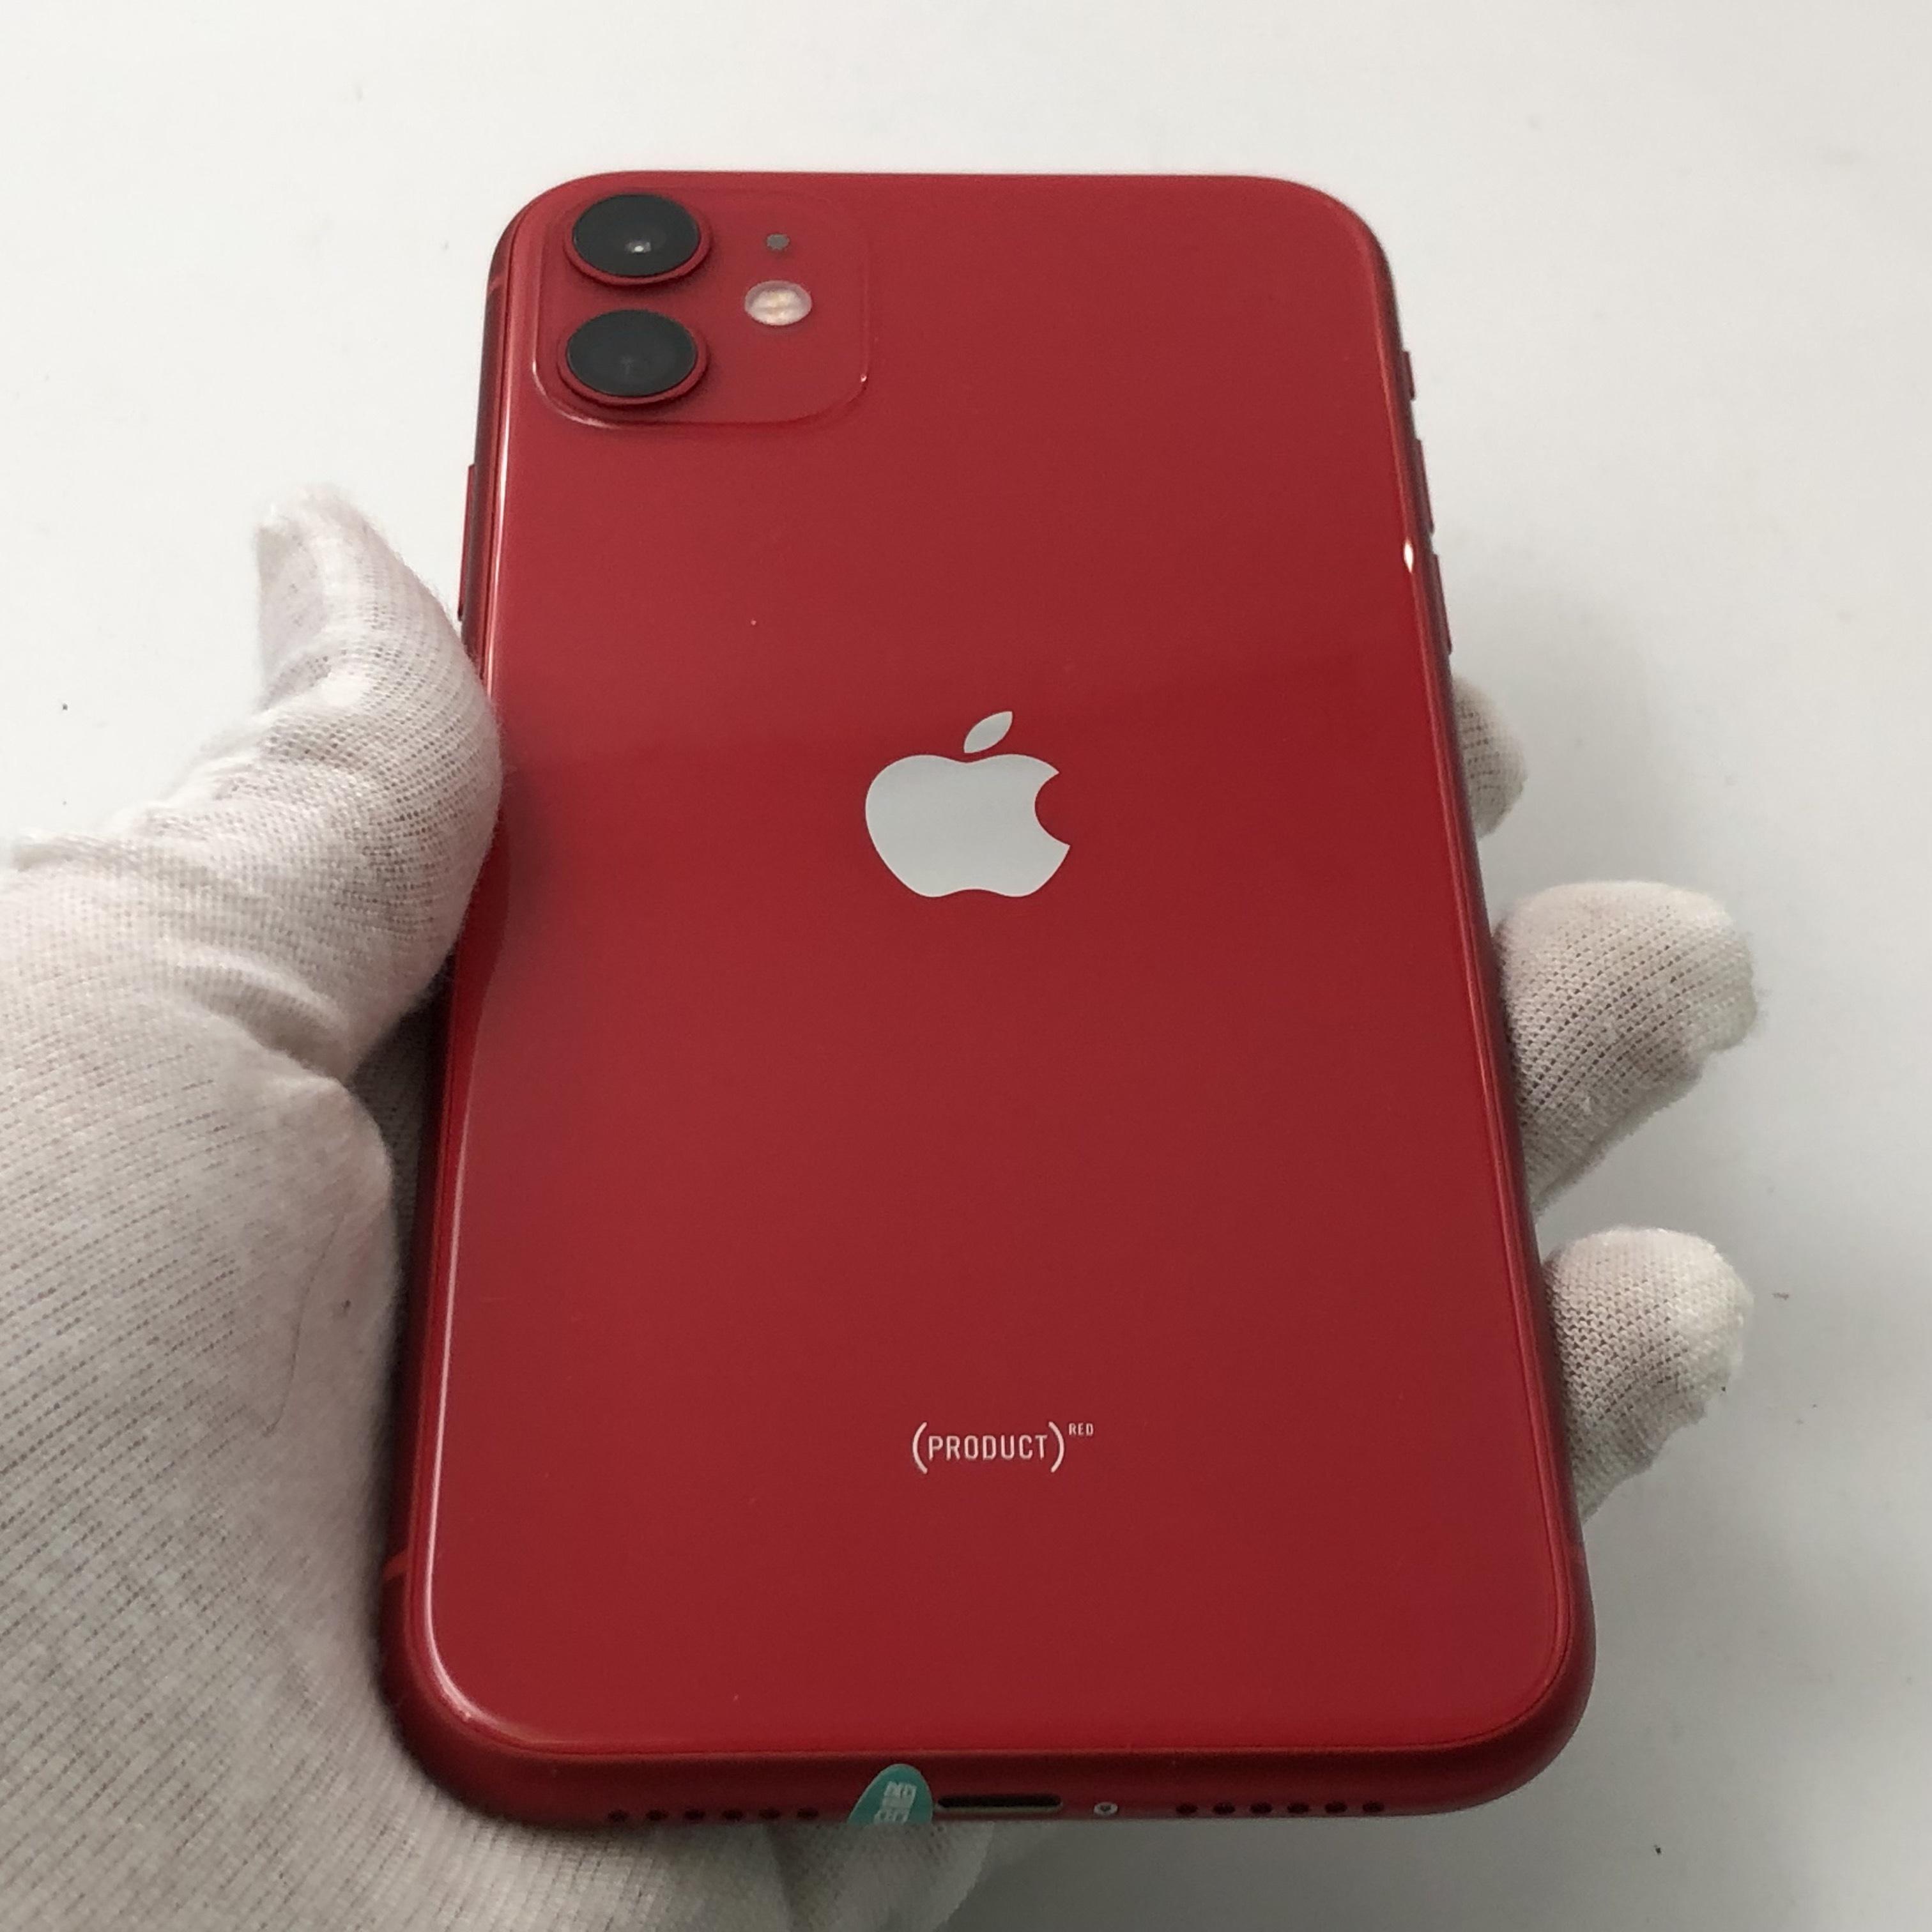 苹果【iPhone 11】4G全网通 红色 256G 国行 99新